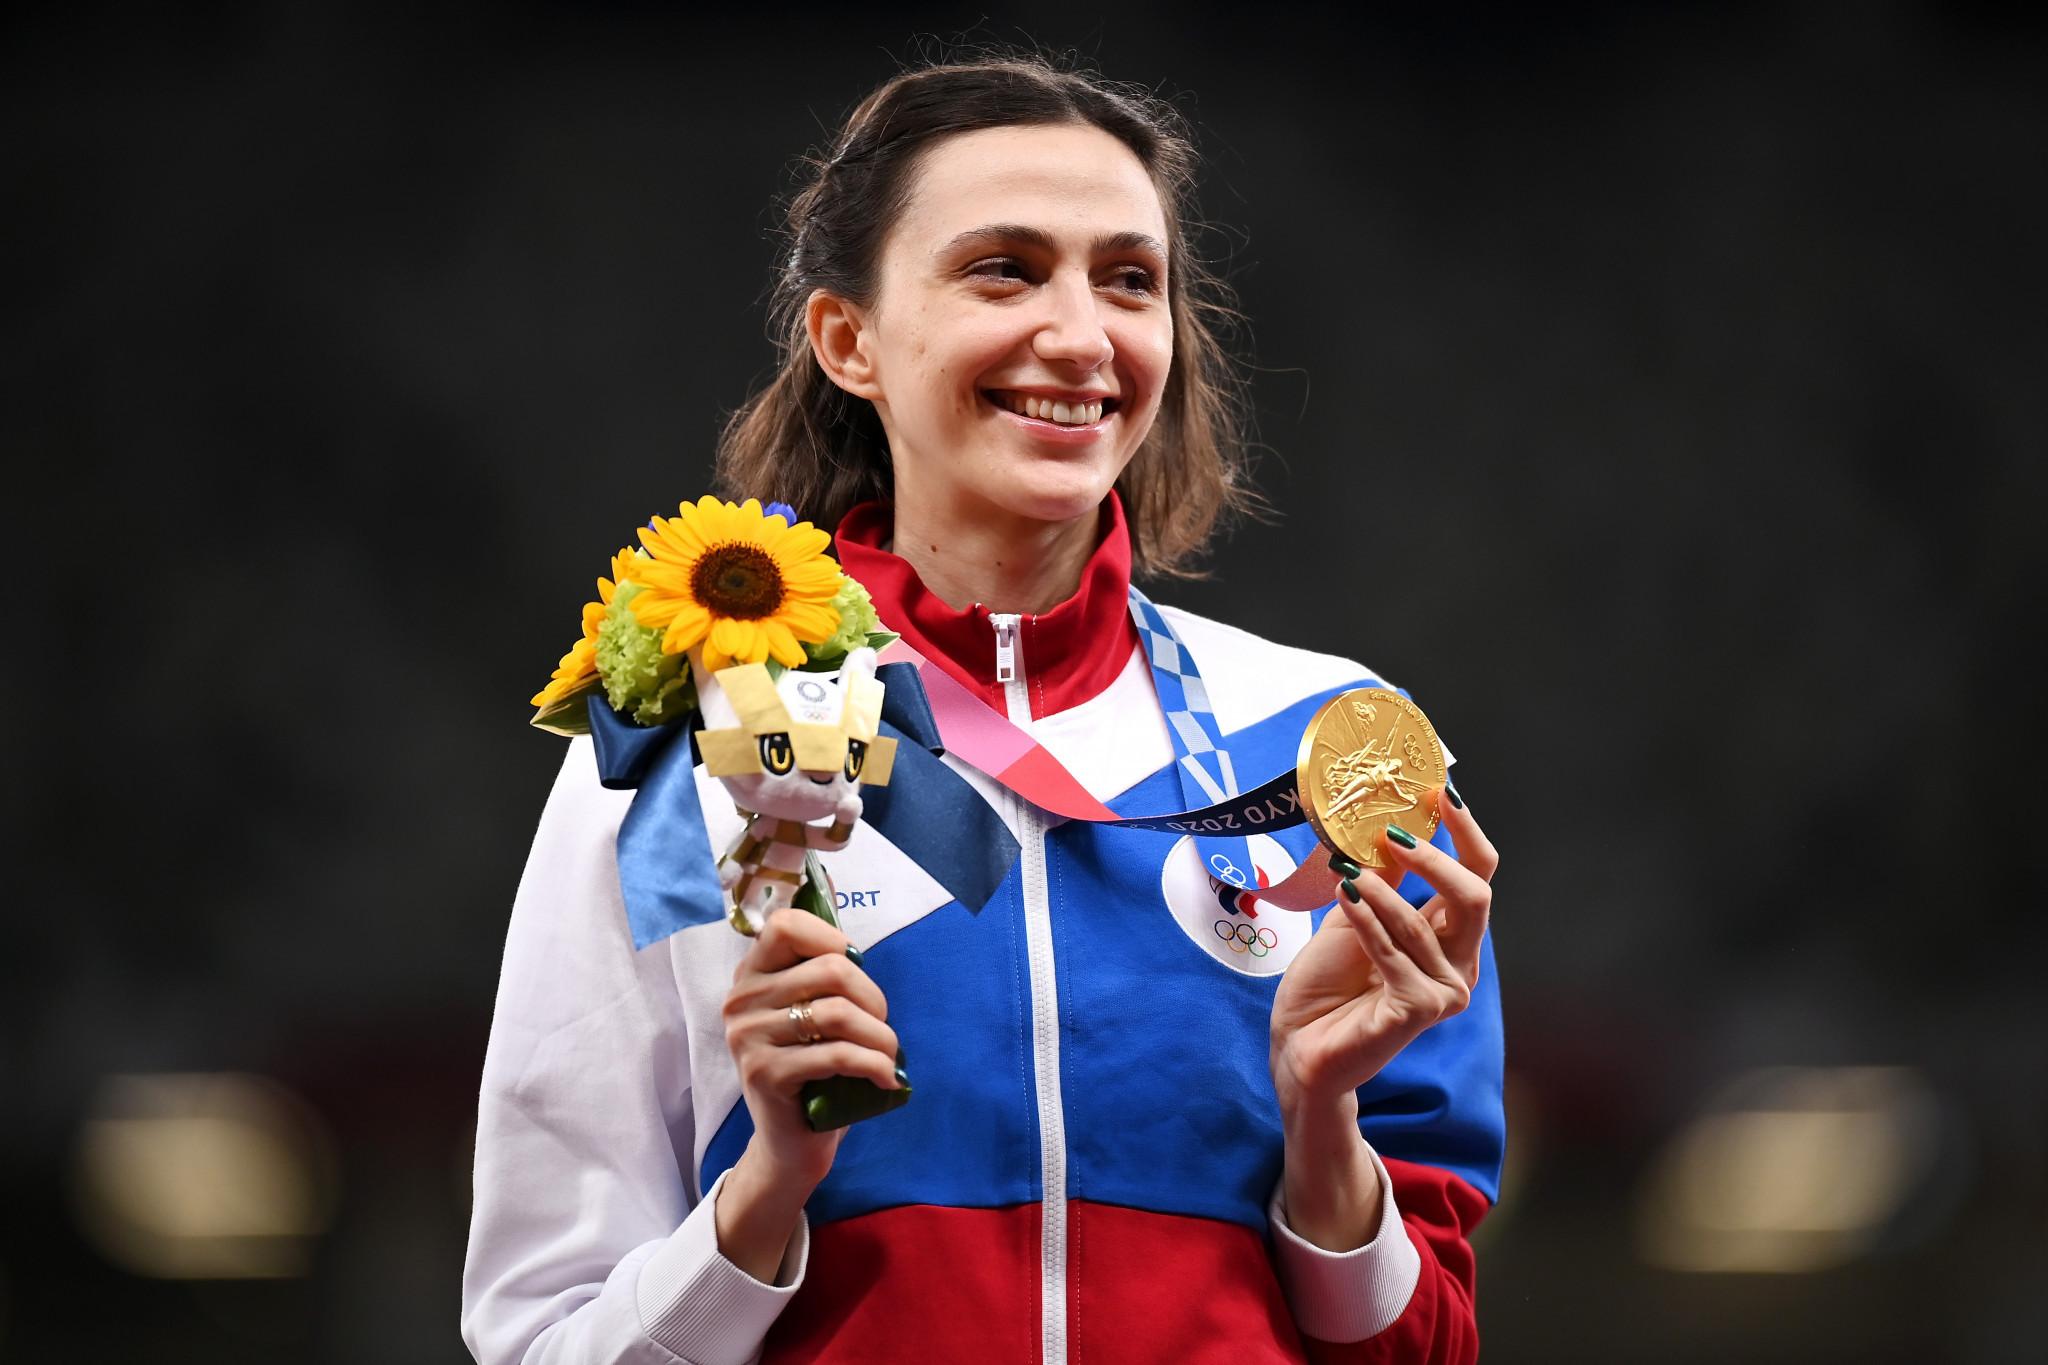 Золотая медалистка по прыжкам в высоту Мария Ласицкене была среди членов ANA, которым разрешили соревноваться под флагом Китайской Республики в Токио 2020 © Getty Images